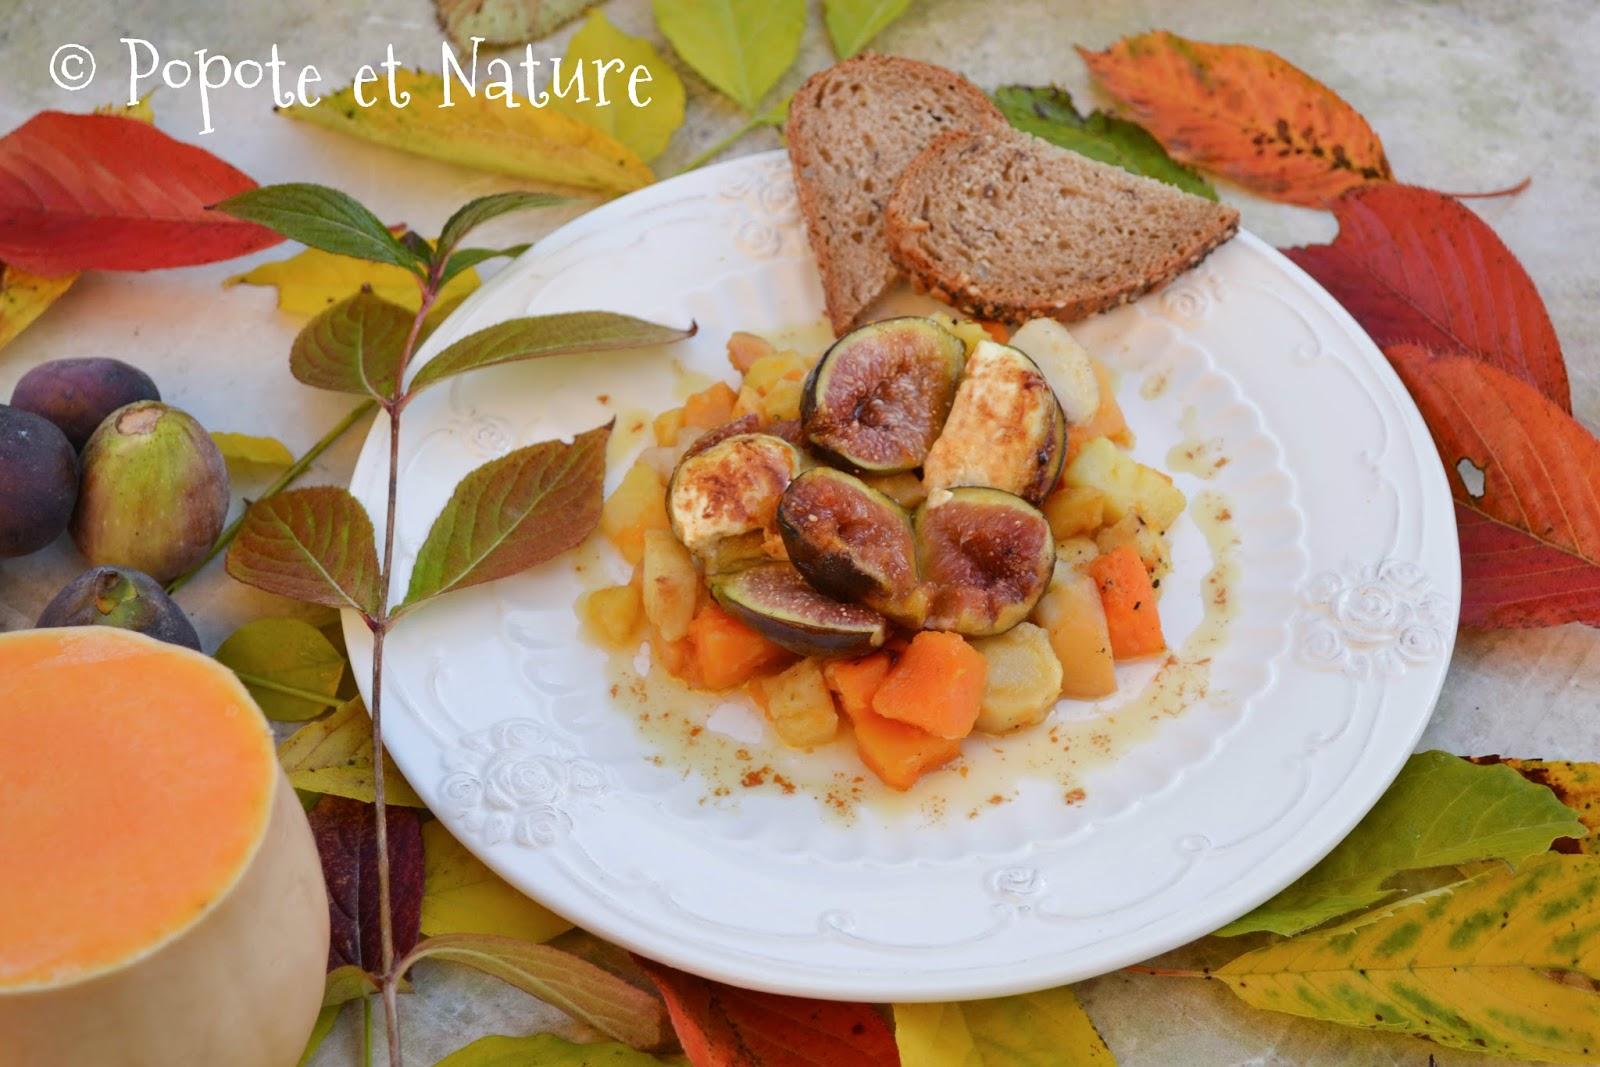 Popote et nature po l e de l gumes d 39 automne et figues r ties miel et ch vre - Figues roties au miel ...